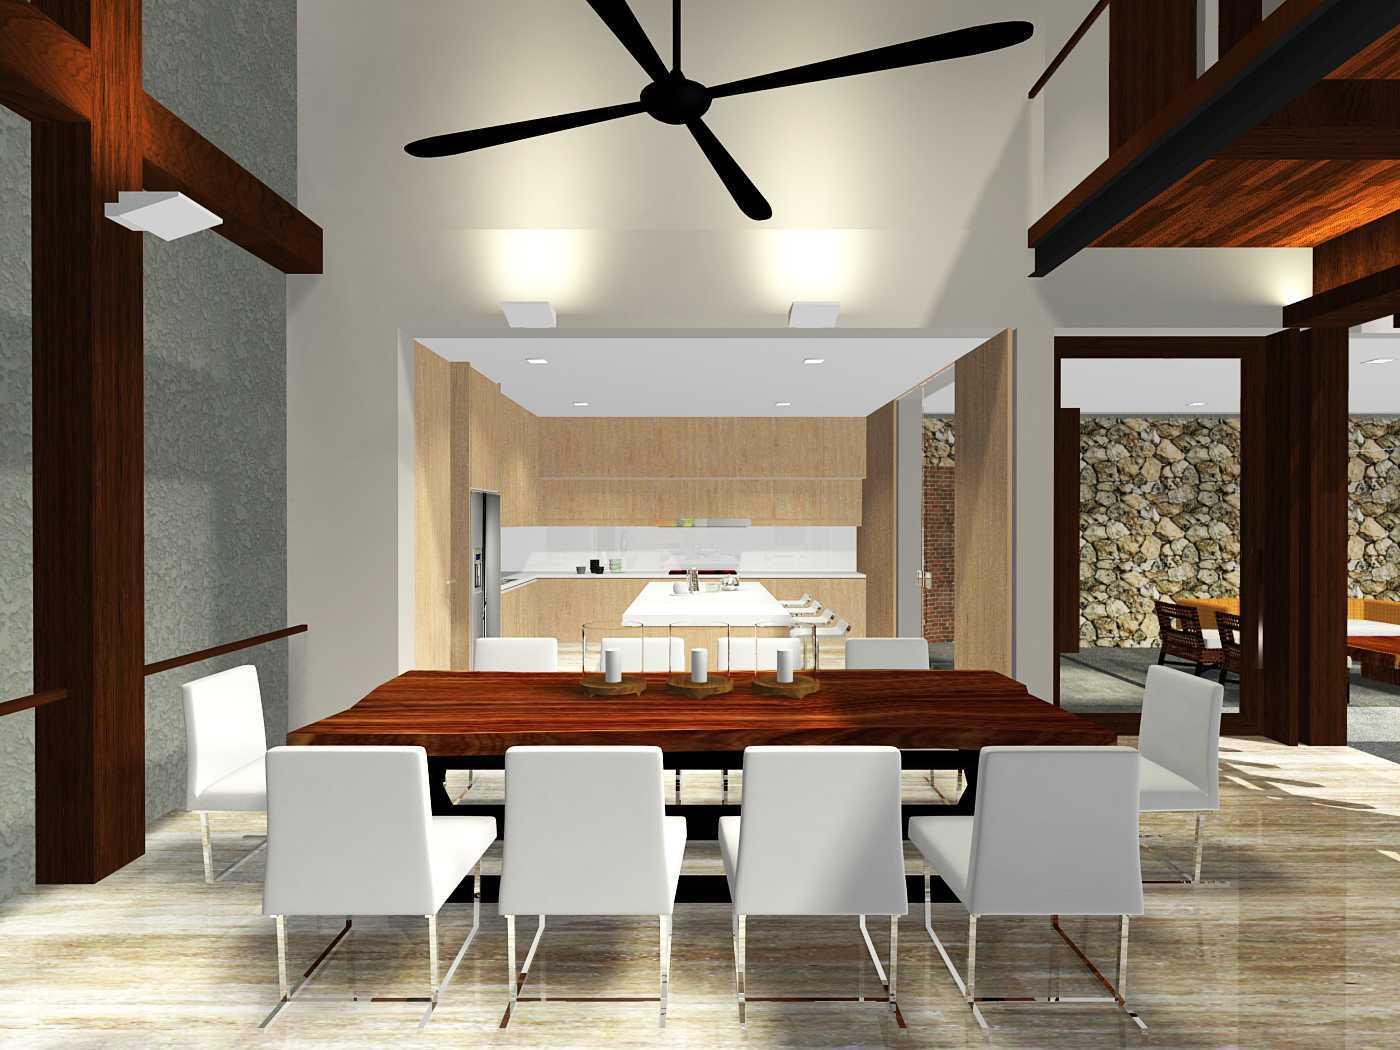 Foto inspirasi ide desain ruang makan tropis 8dining oleh HerryJ Architects di Arsitag